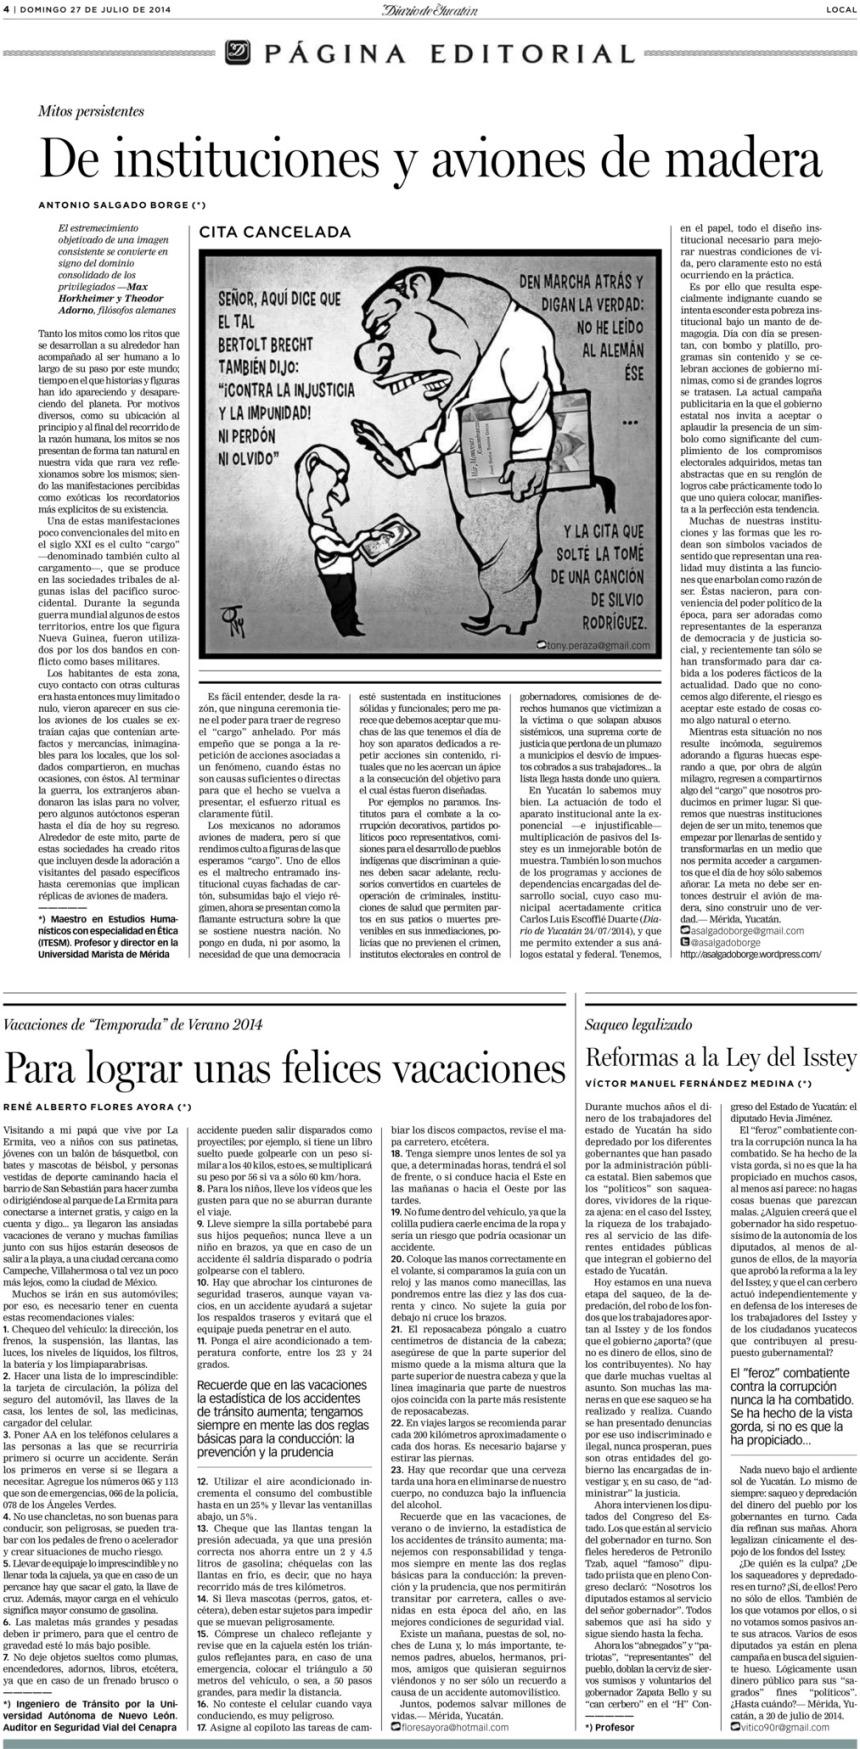 De instituciones y aviones de madera.pdf